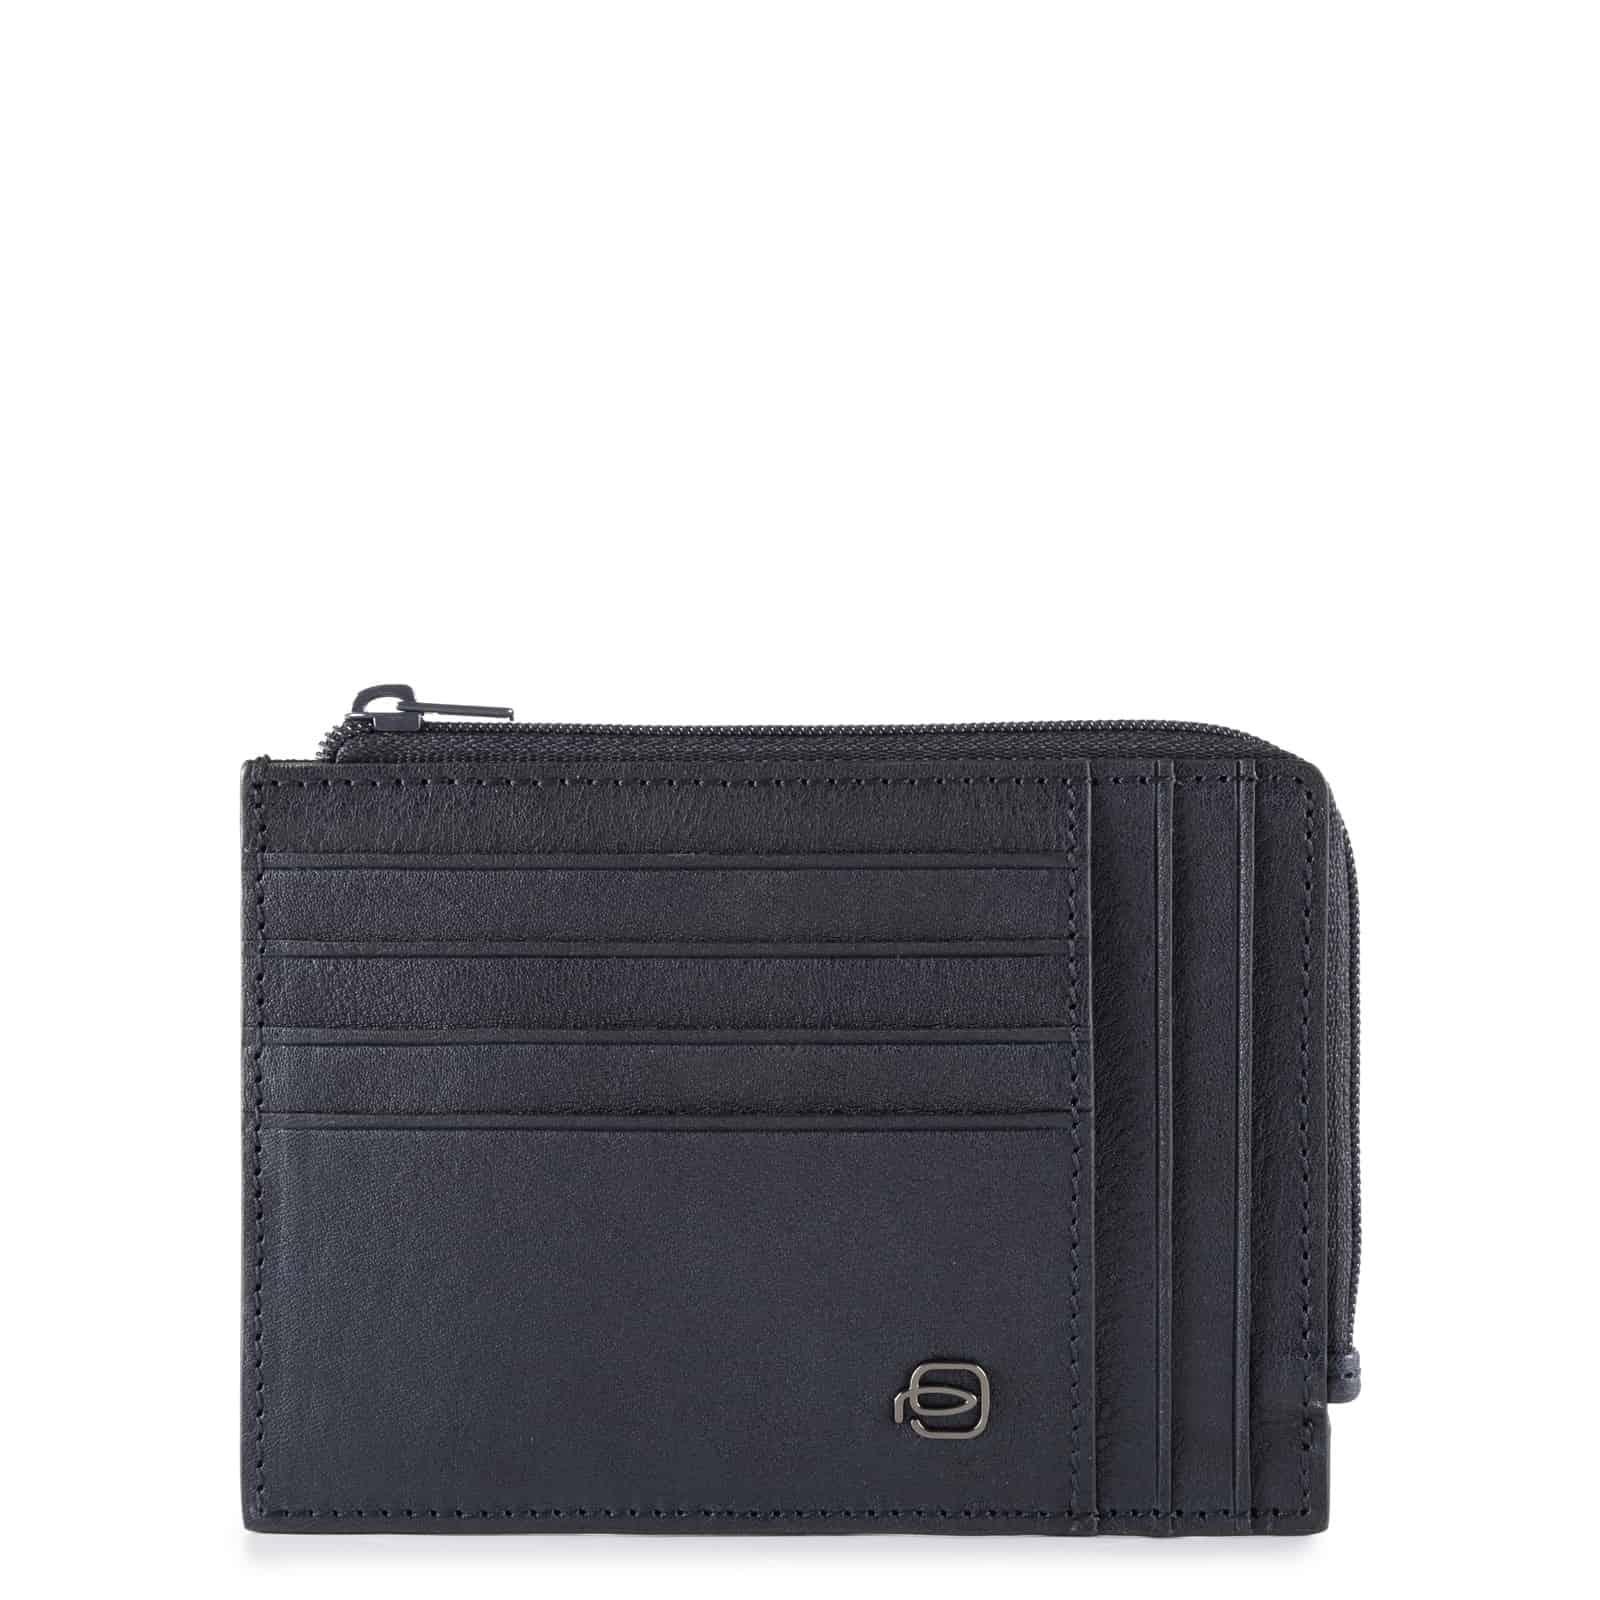 Piquadro – Portafoglio portamonete, documenti e carte di credito – PU1243B3/BLU